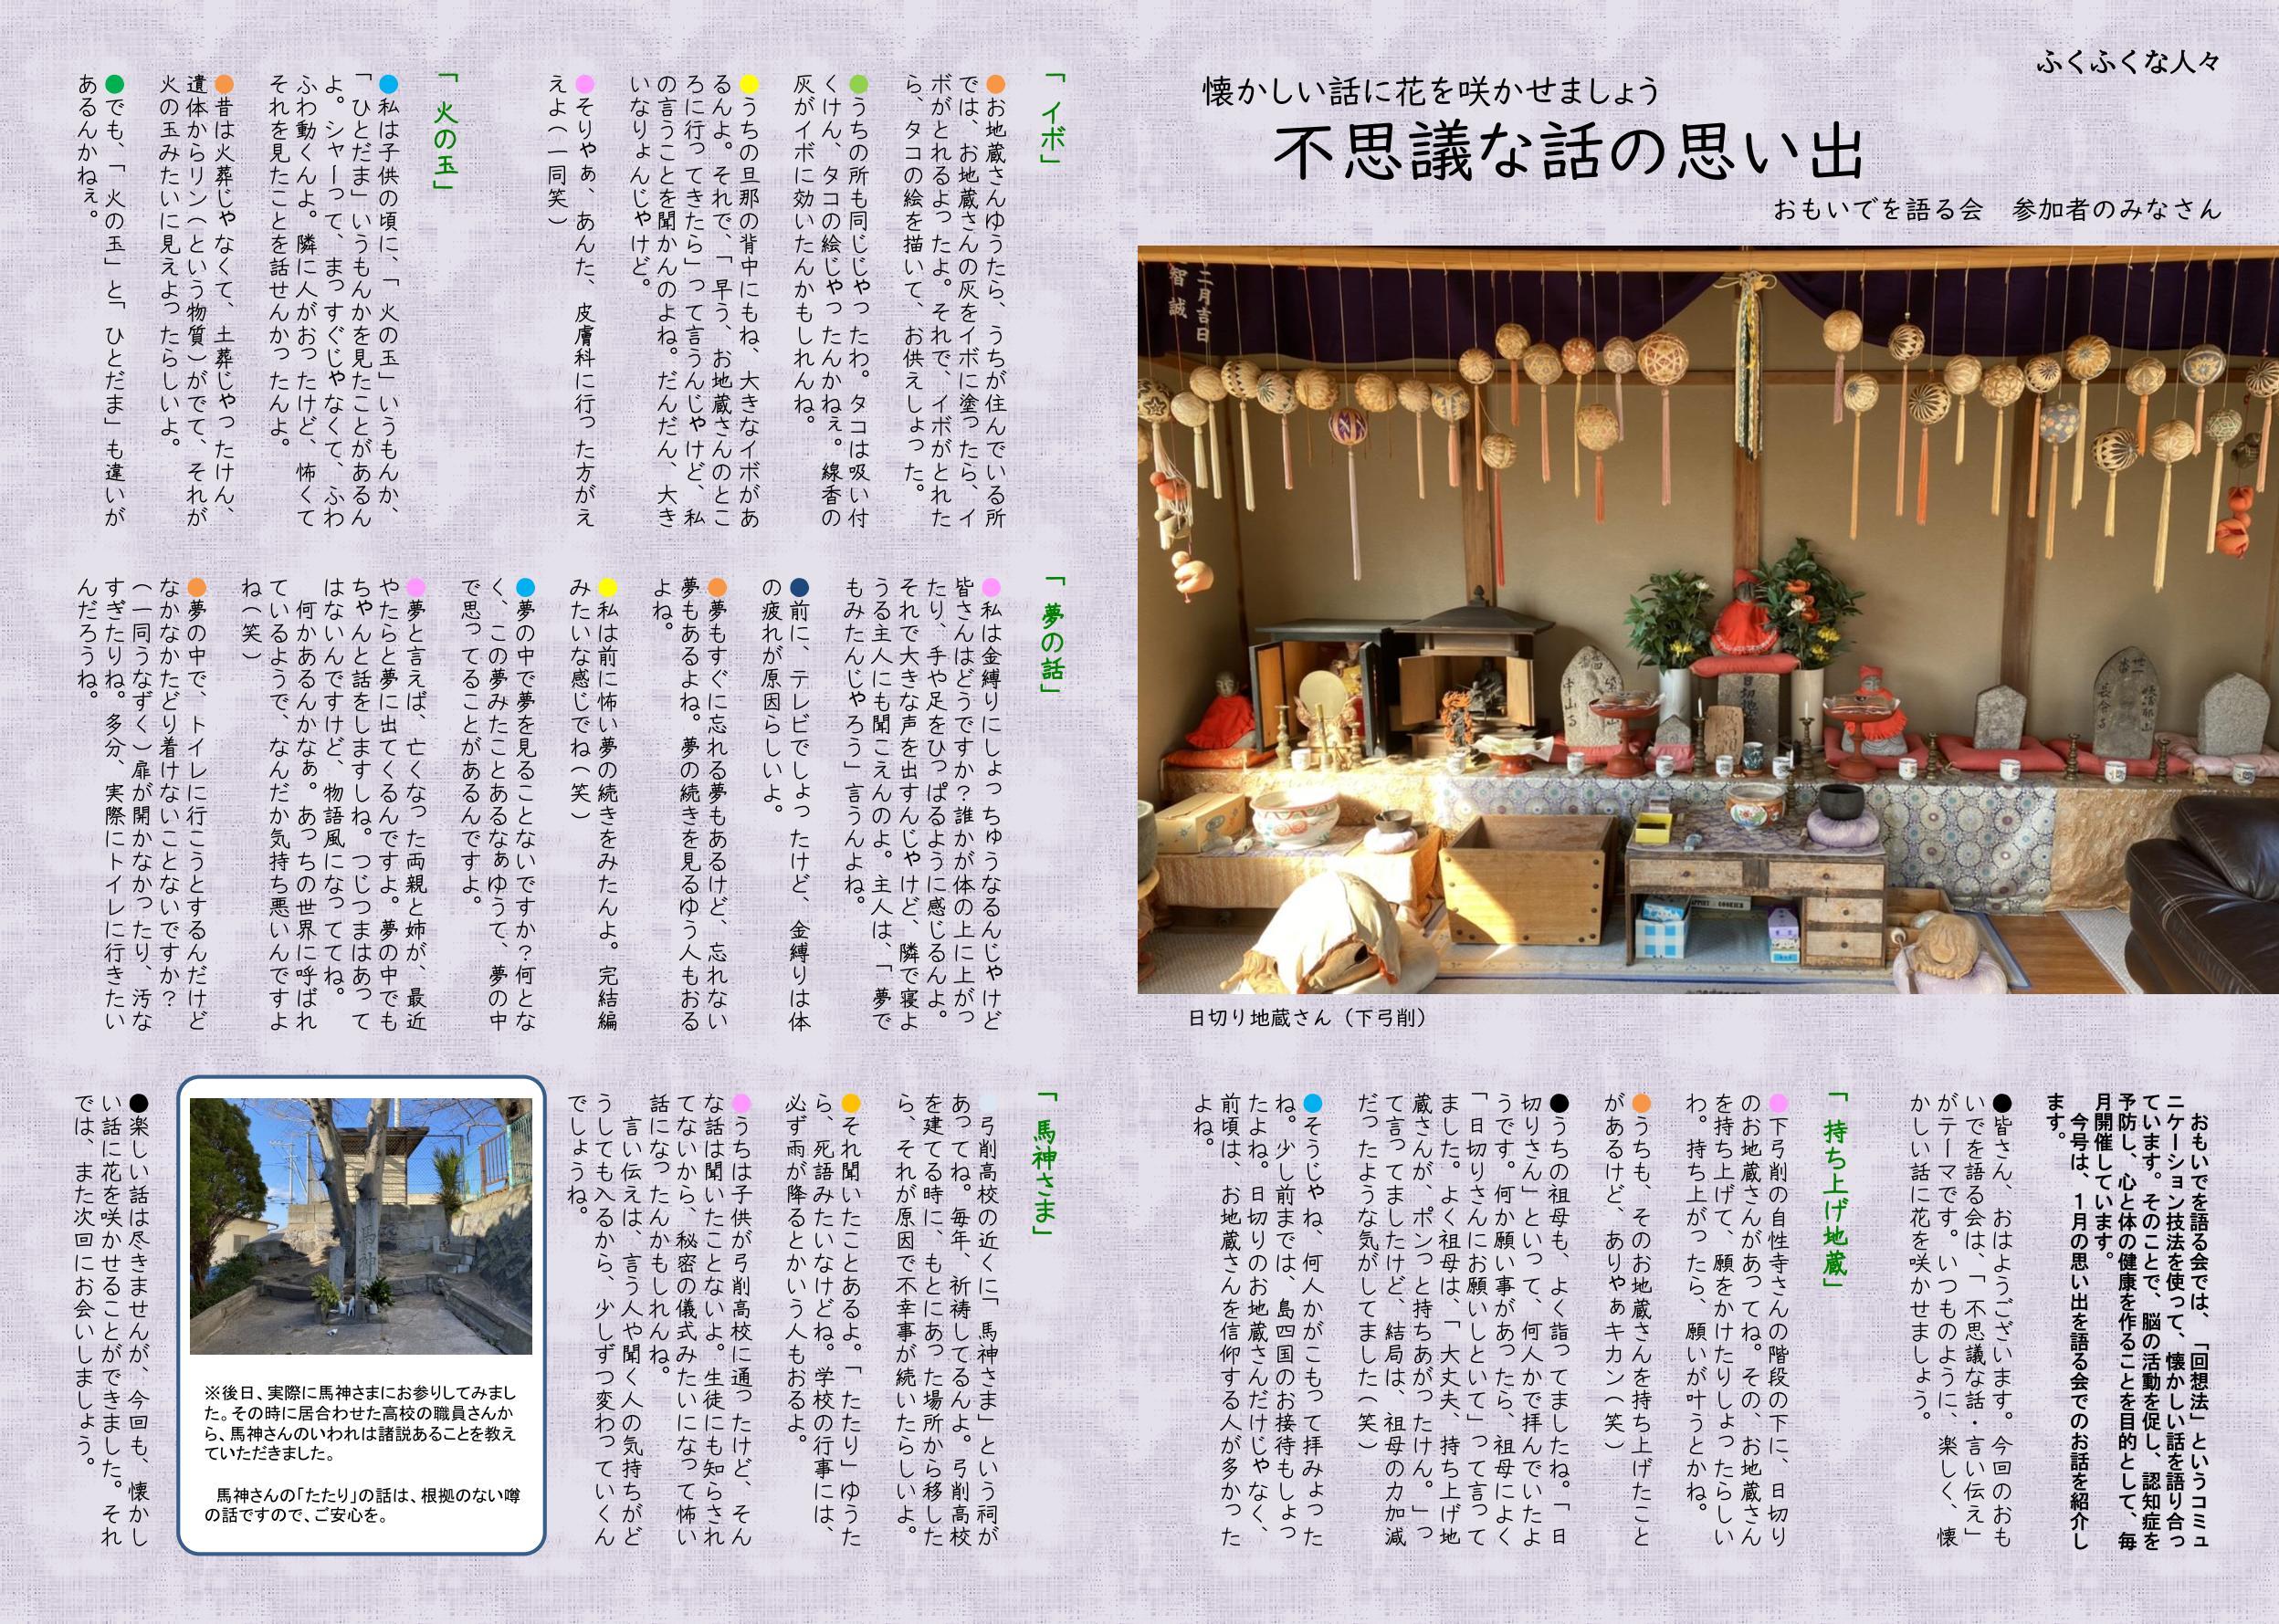 http://fukufukunokai.com/newsletter/images/2%E6%9C%88%E5%8F%B7_cropped_222222.jpeg